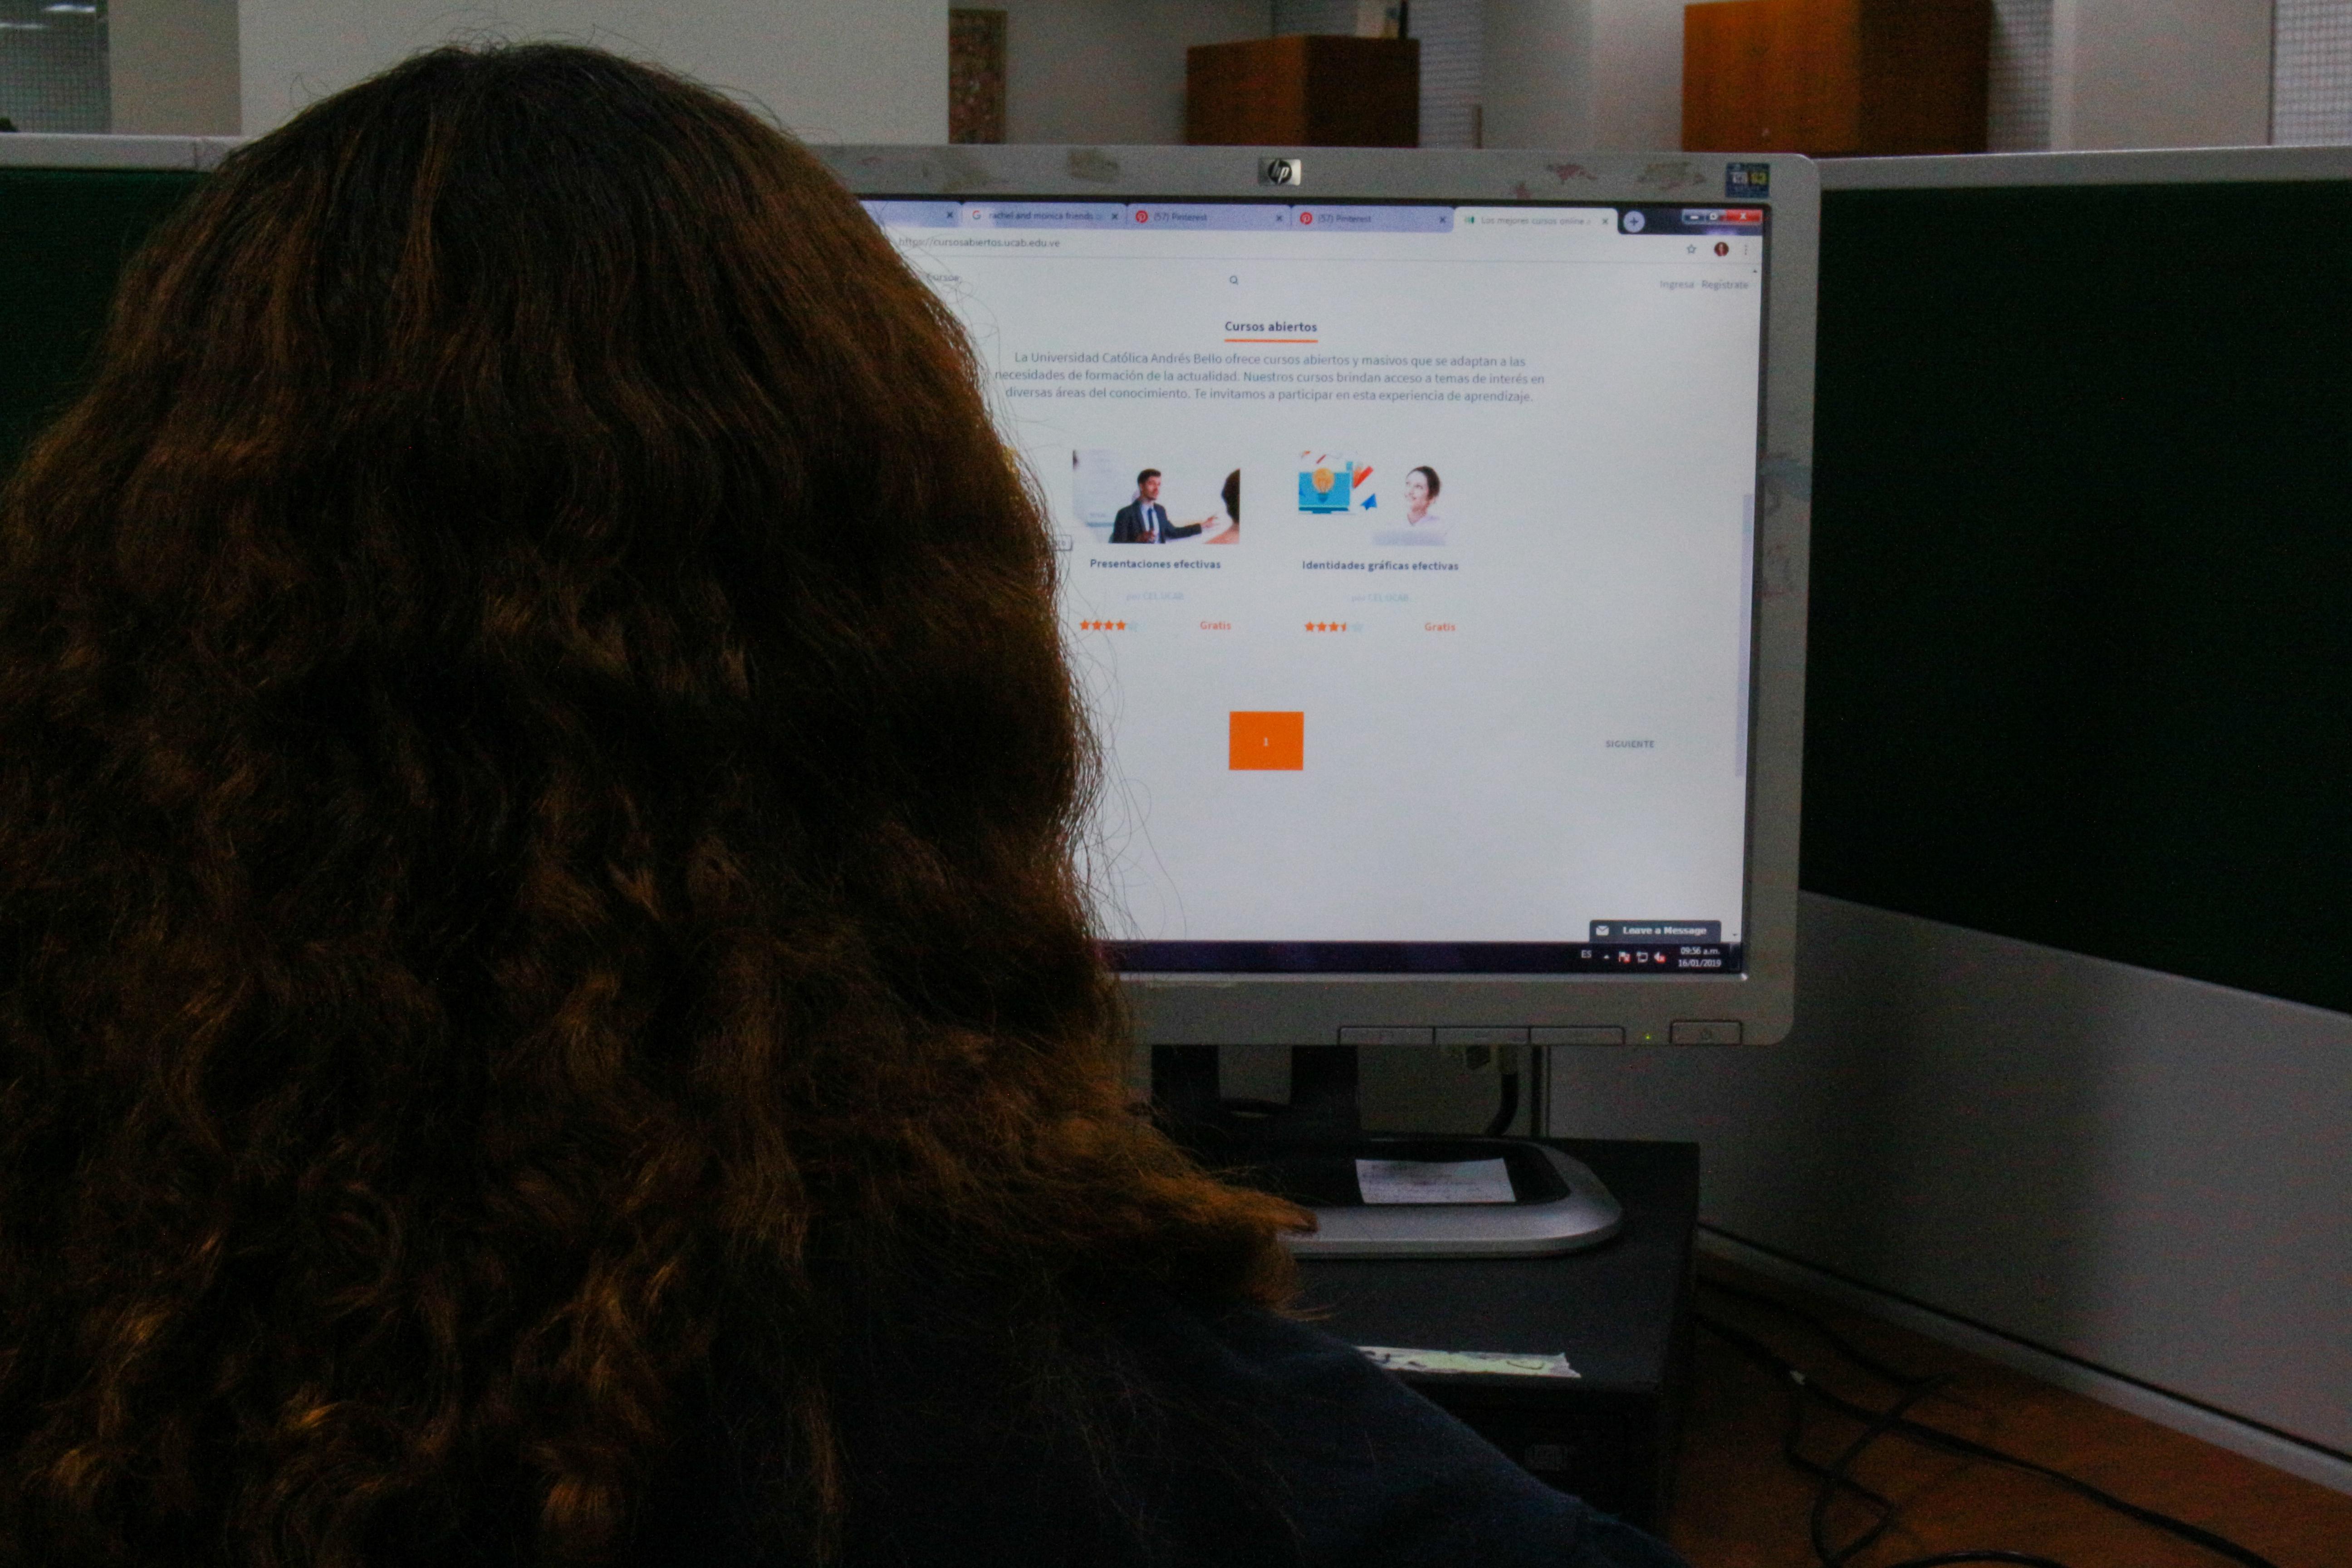 Centro de Estudios en Línea ofrece cursos virtuales gratuitos para todo público